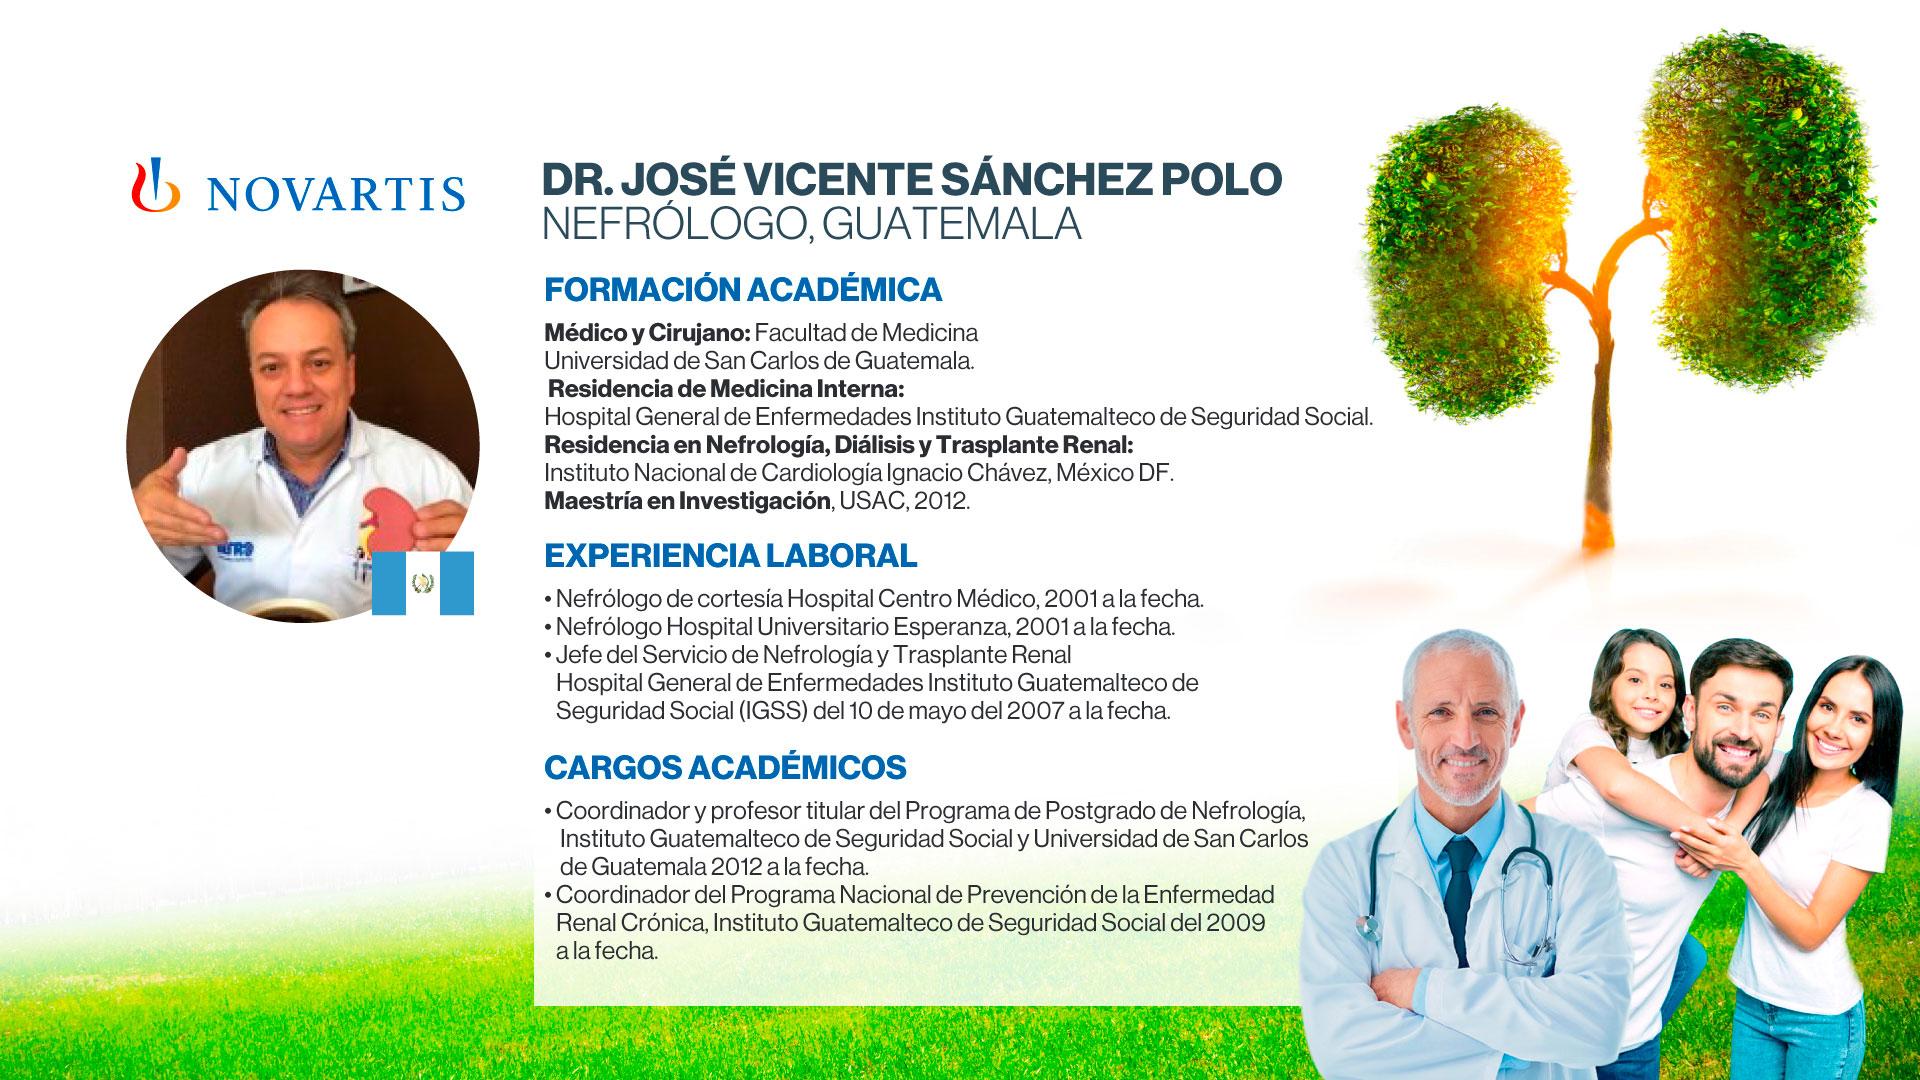 Dr. José Vicente Sánchez Polo.